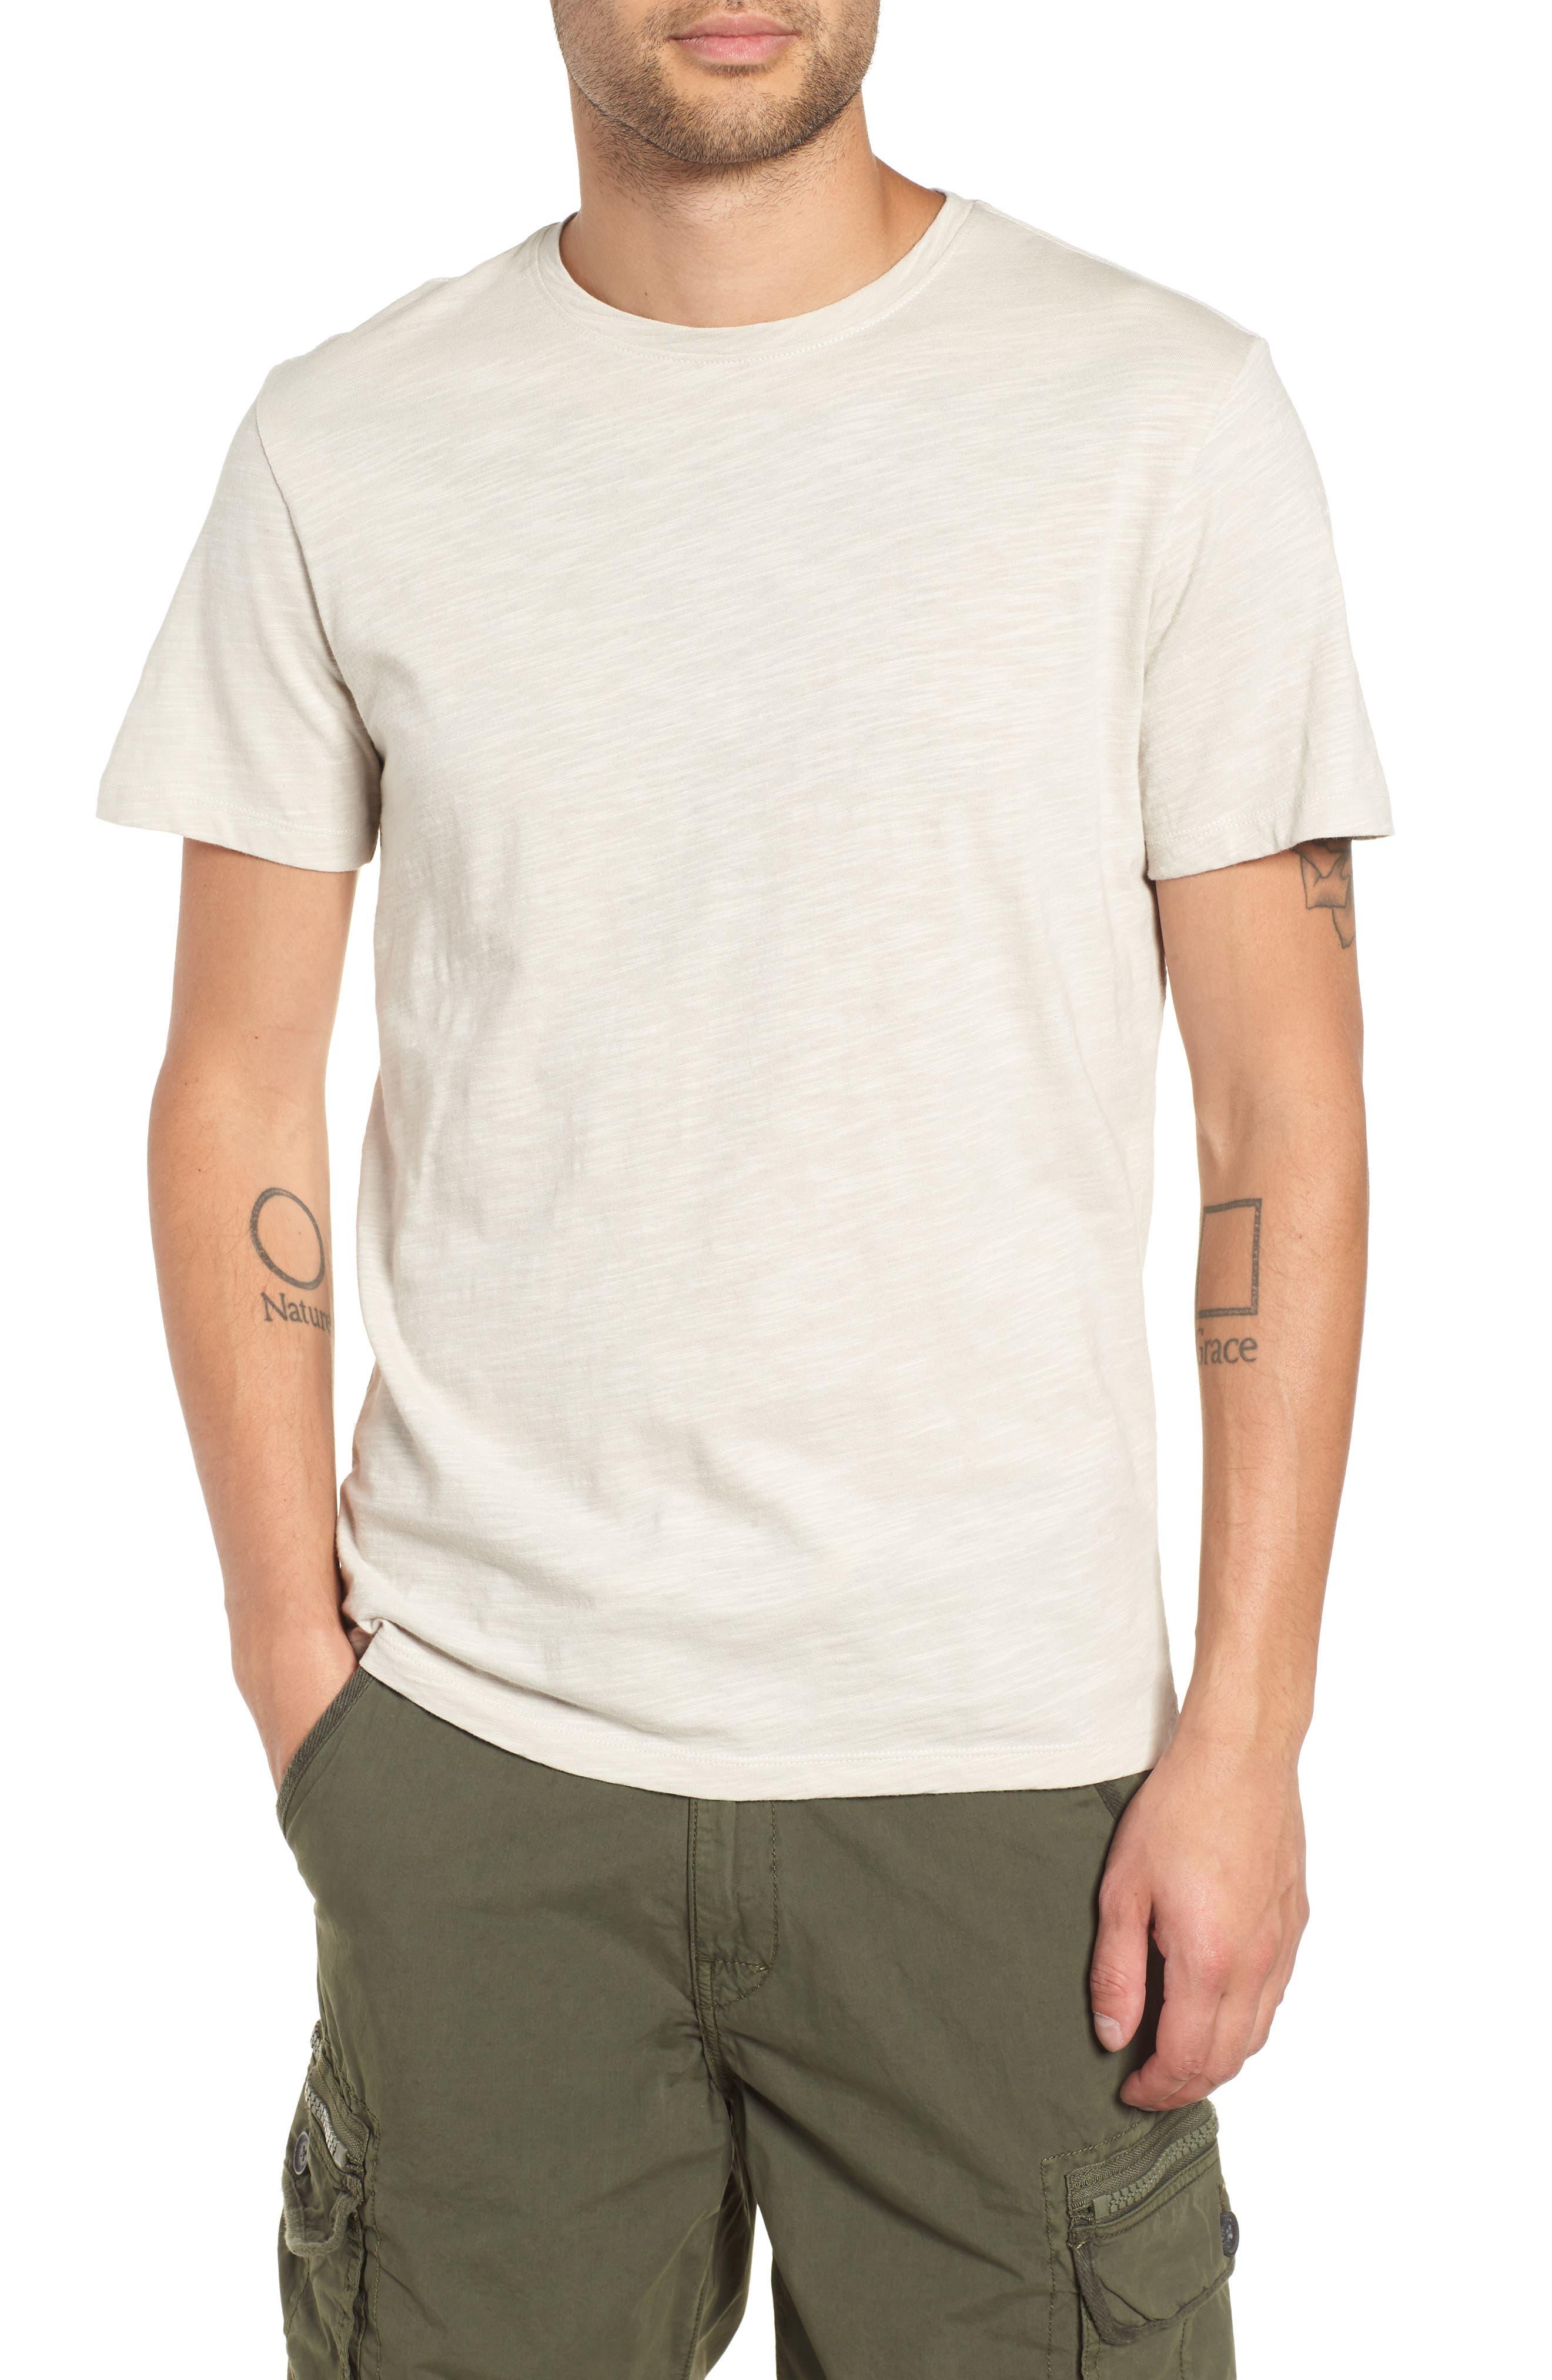 THE RAIL,                             Slub Knit T-Shirt,                             Main thumbnail 1, color,                             050